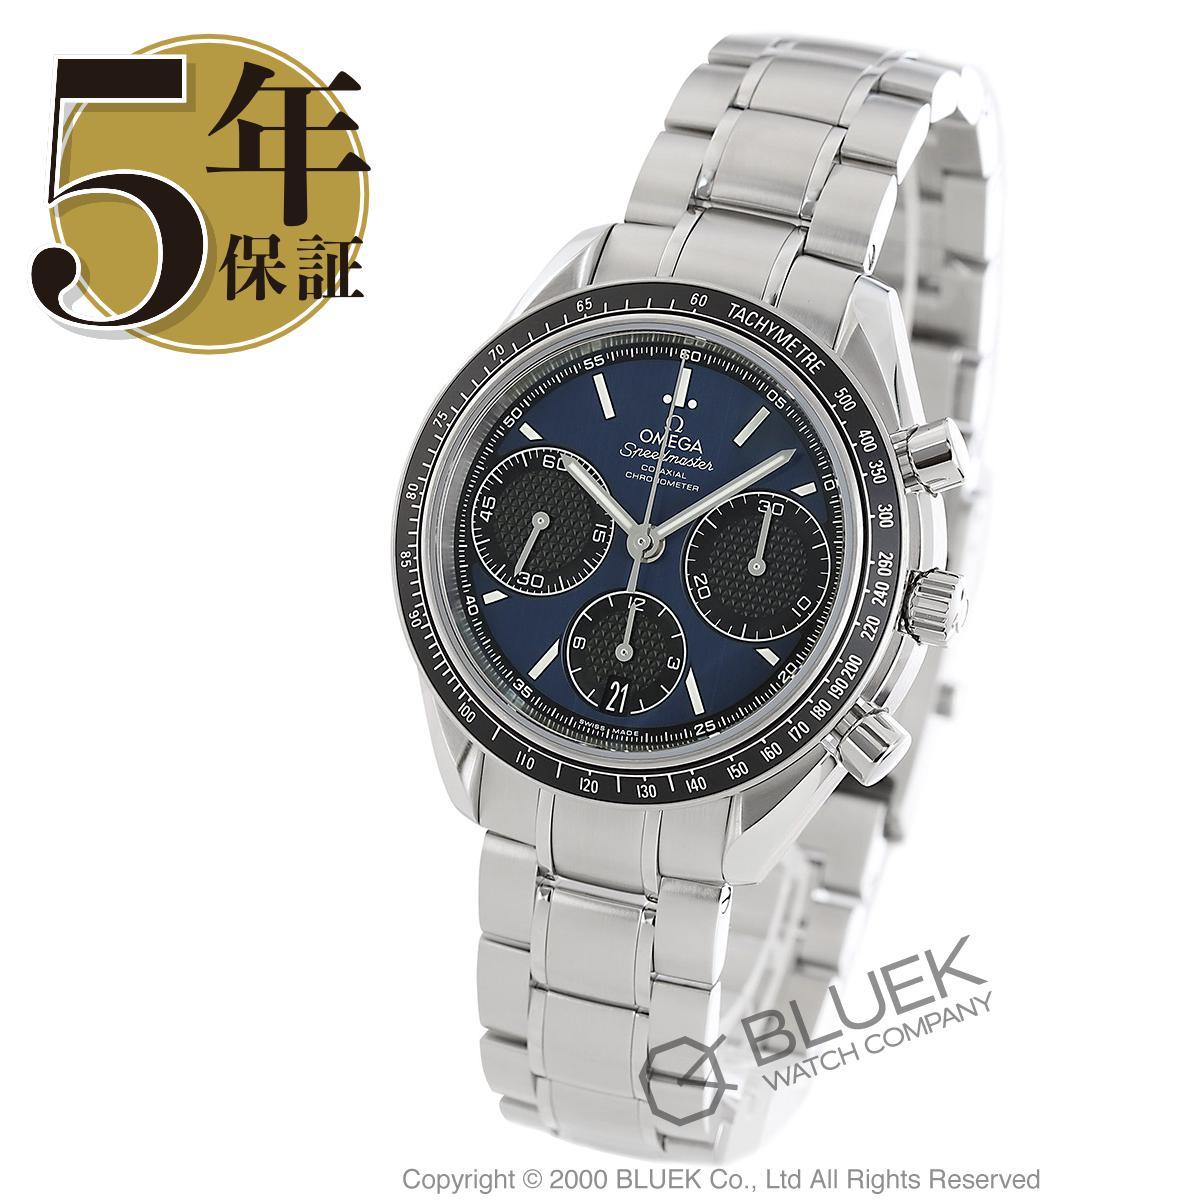 オメガ スピードマスター レーシング クロノグラフ 腕時計 メンズ OMEGA 326.30.40.50.03.001_8 バーゲン 成人祝い ギフト プレゼント